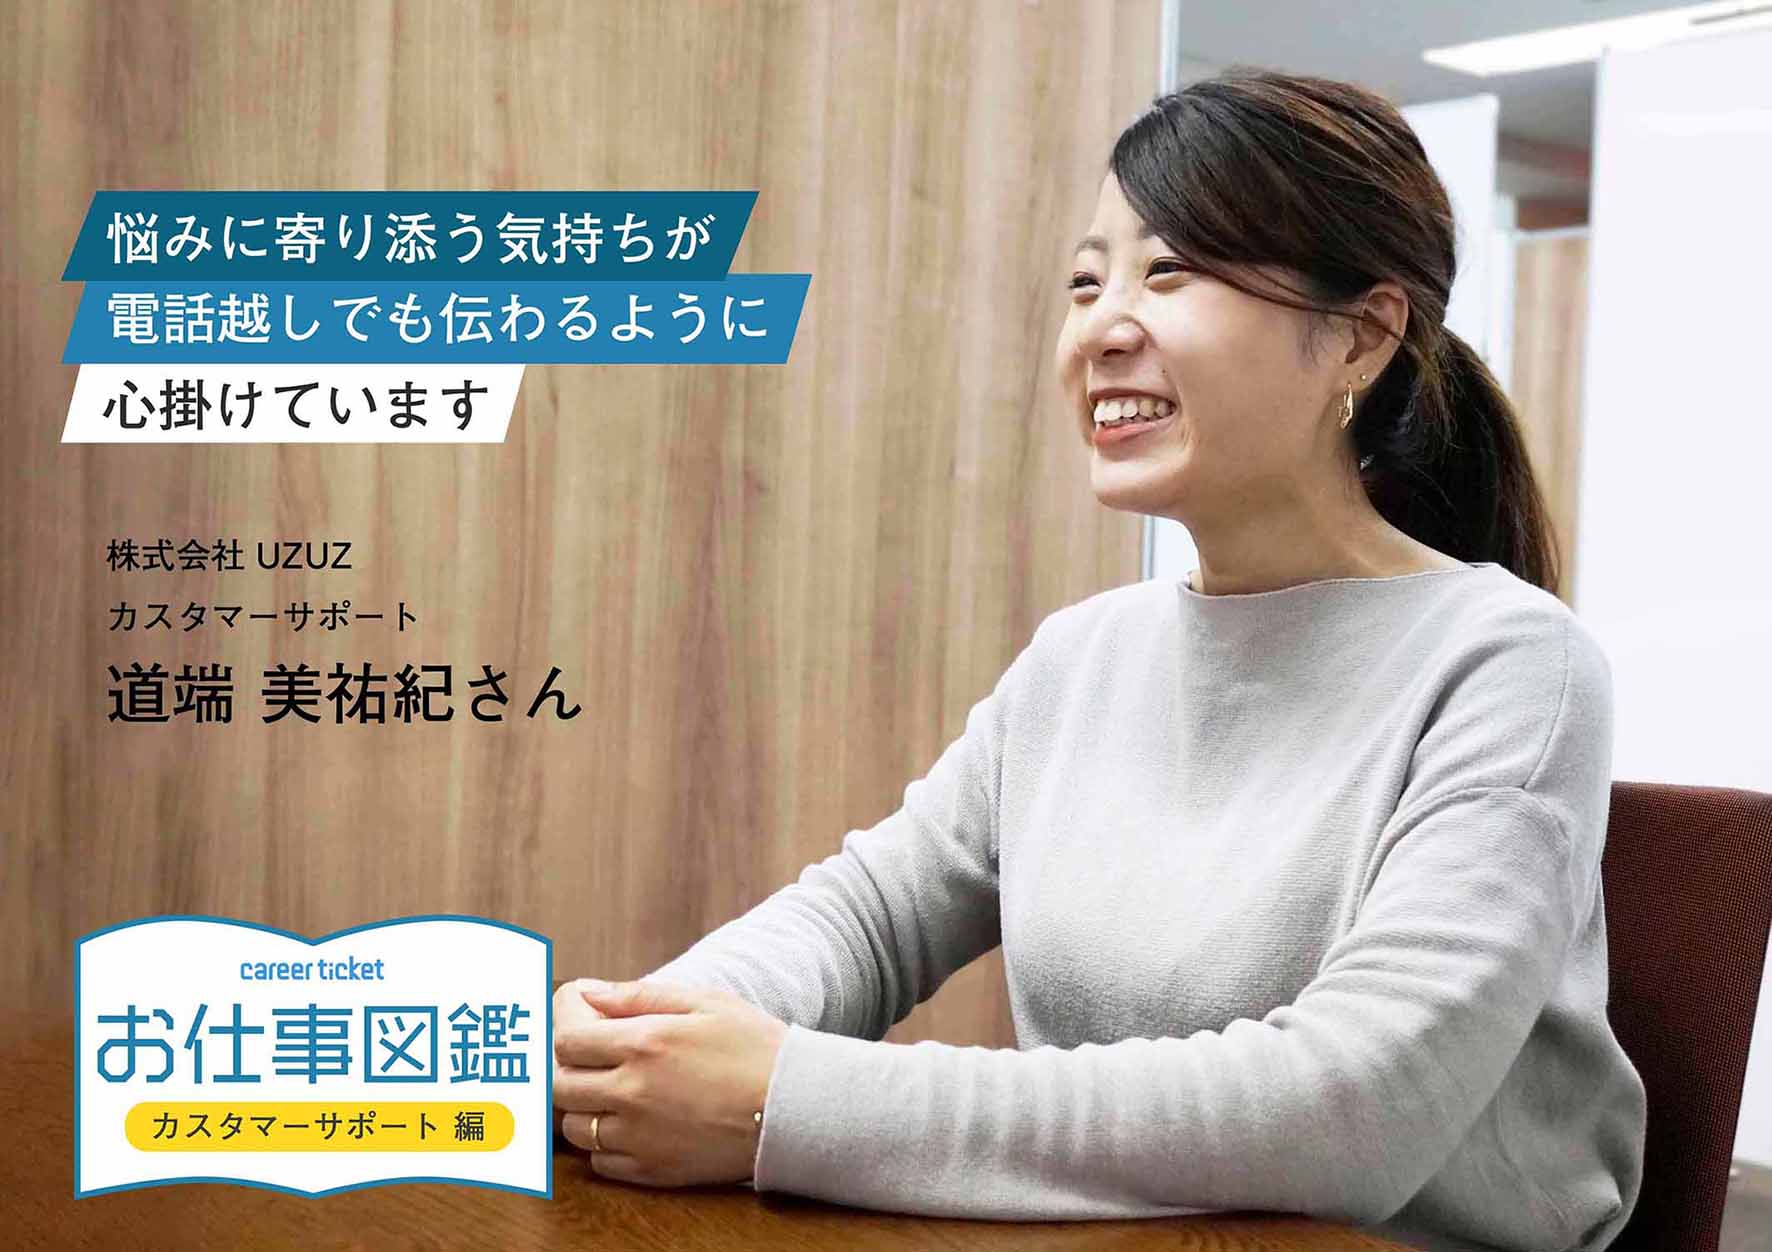 【お仕事図鑑】求職者の架け橋に。ホスピタリティが求められるカスタマーサポートの仕事